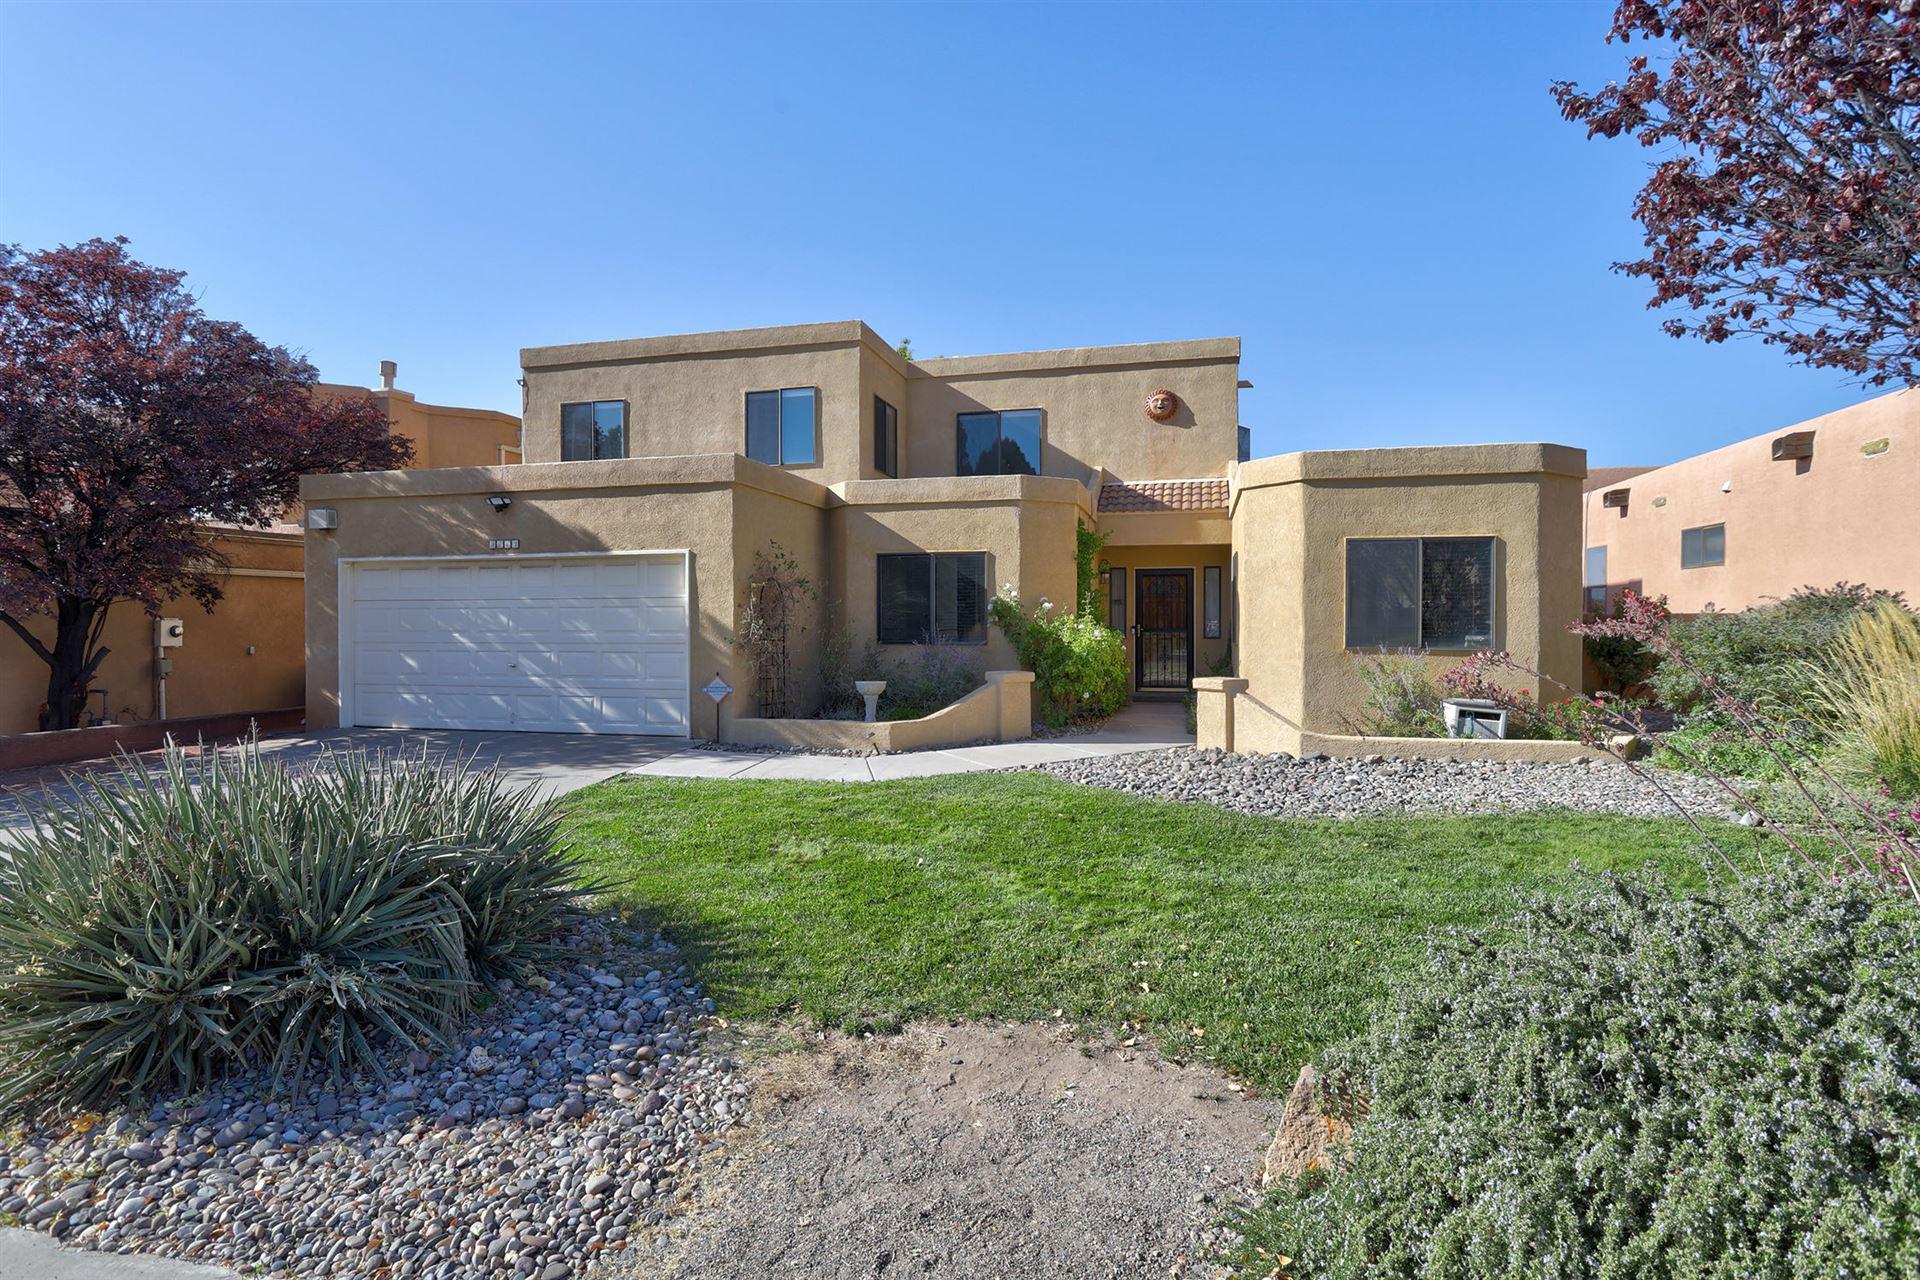 Photo of 9413 THORNTON Avenue NE, Albuquerque, NM 87109 (MLS # 979882)